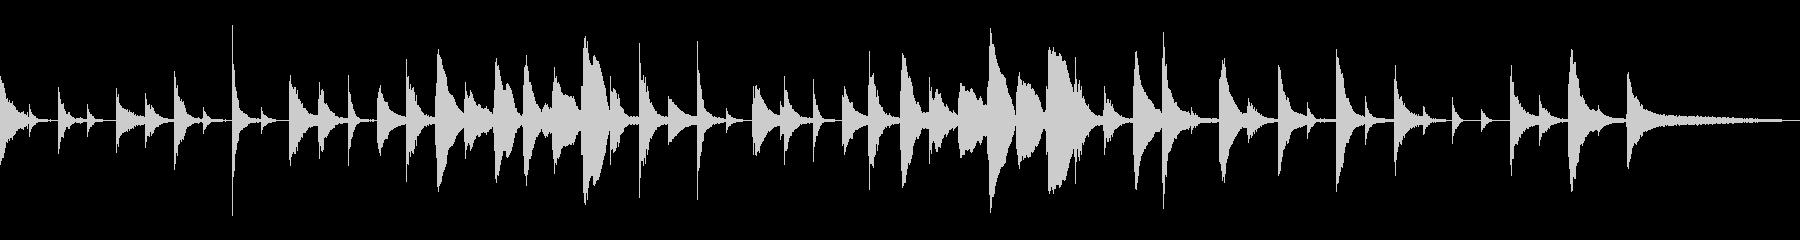 15秒CM優しい雰囲気木琴子供用品女性母の未再生の波形